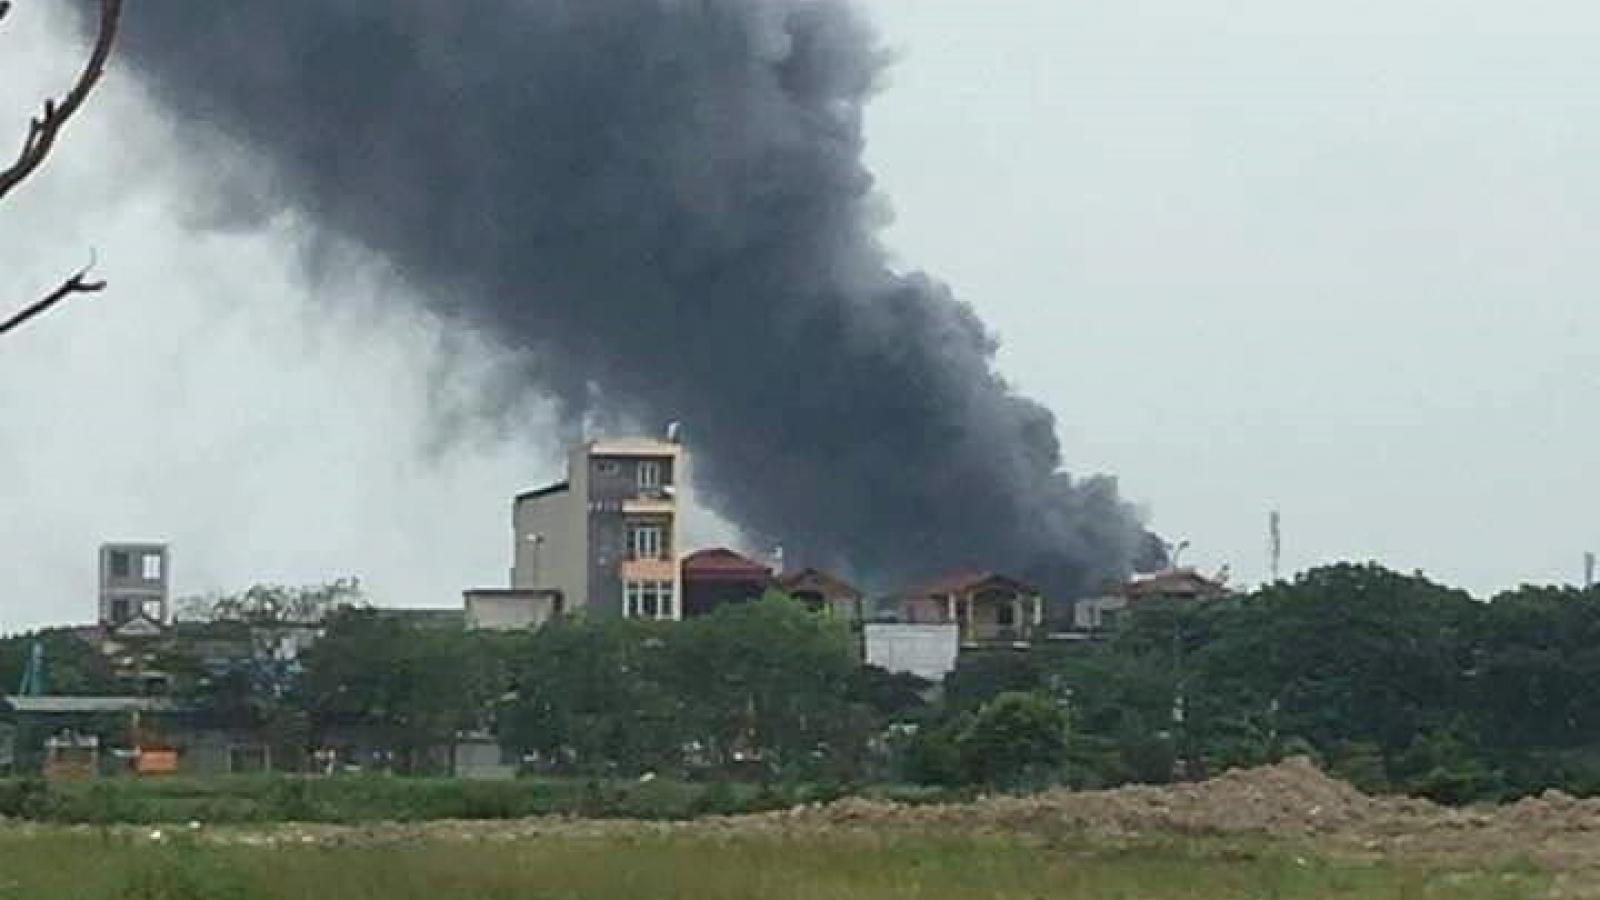 Khởi tố vụ cháy khu công nghiệp Phú Thị, khiến 3 người tử vong